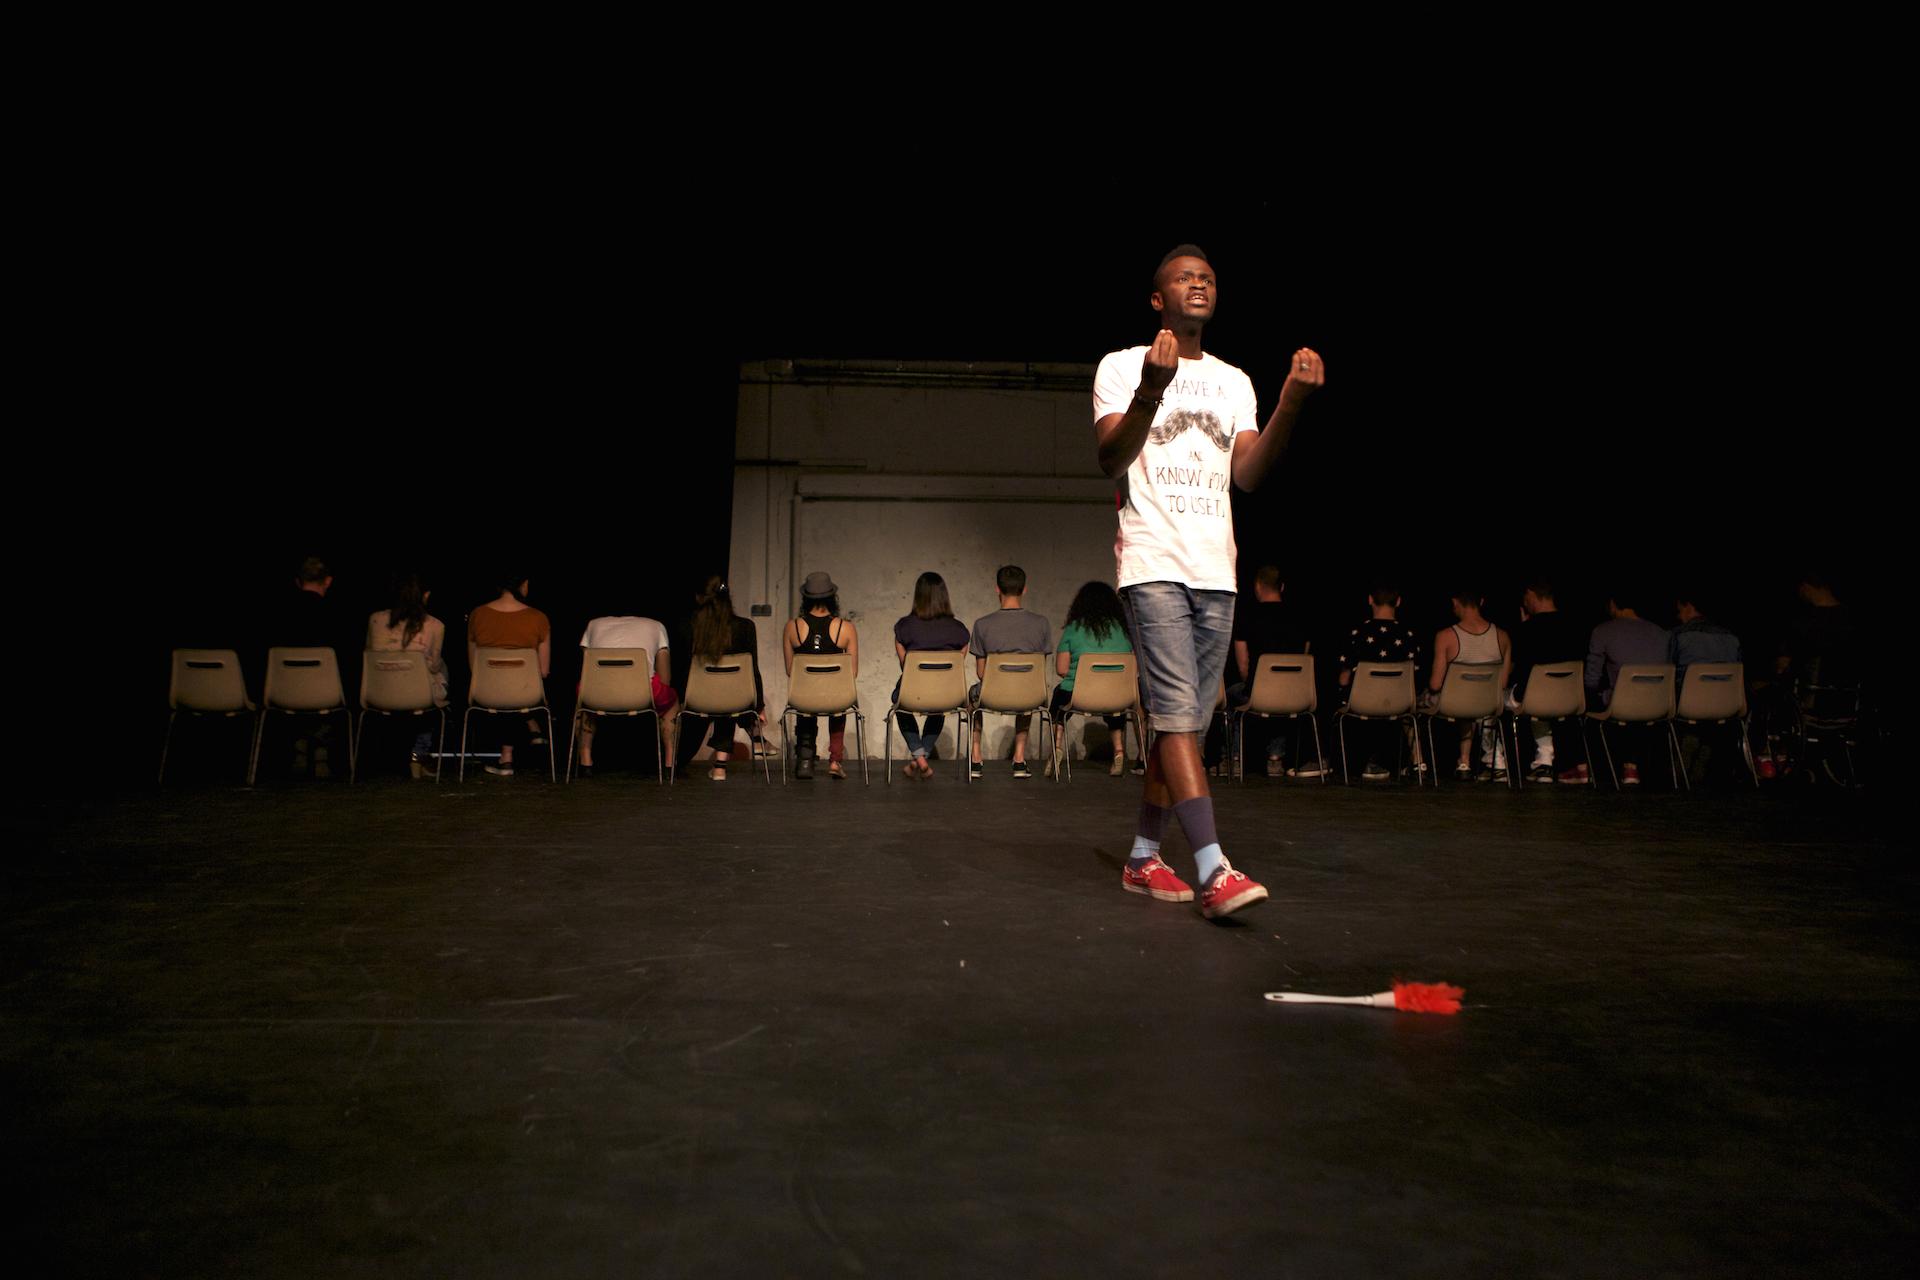 Compagnie mises en scènes 2 - Blandine Armand - série photos